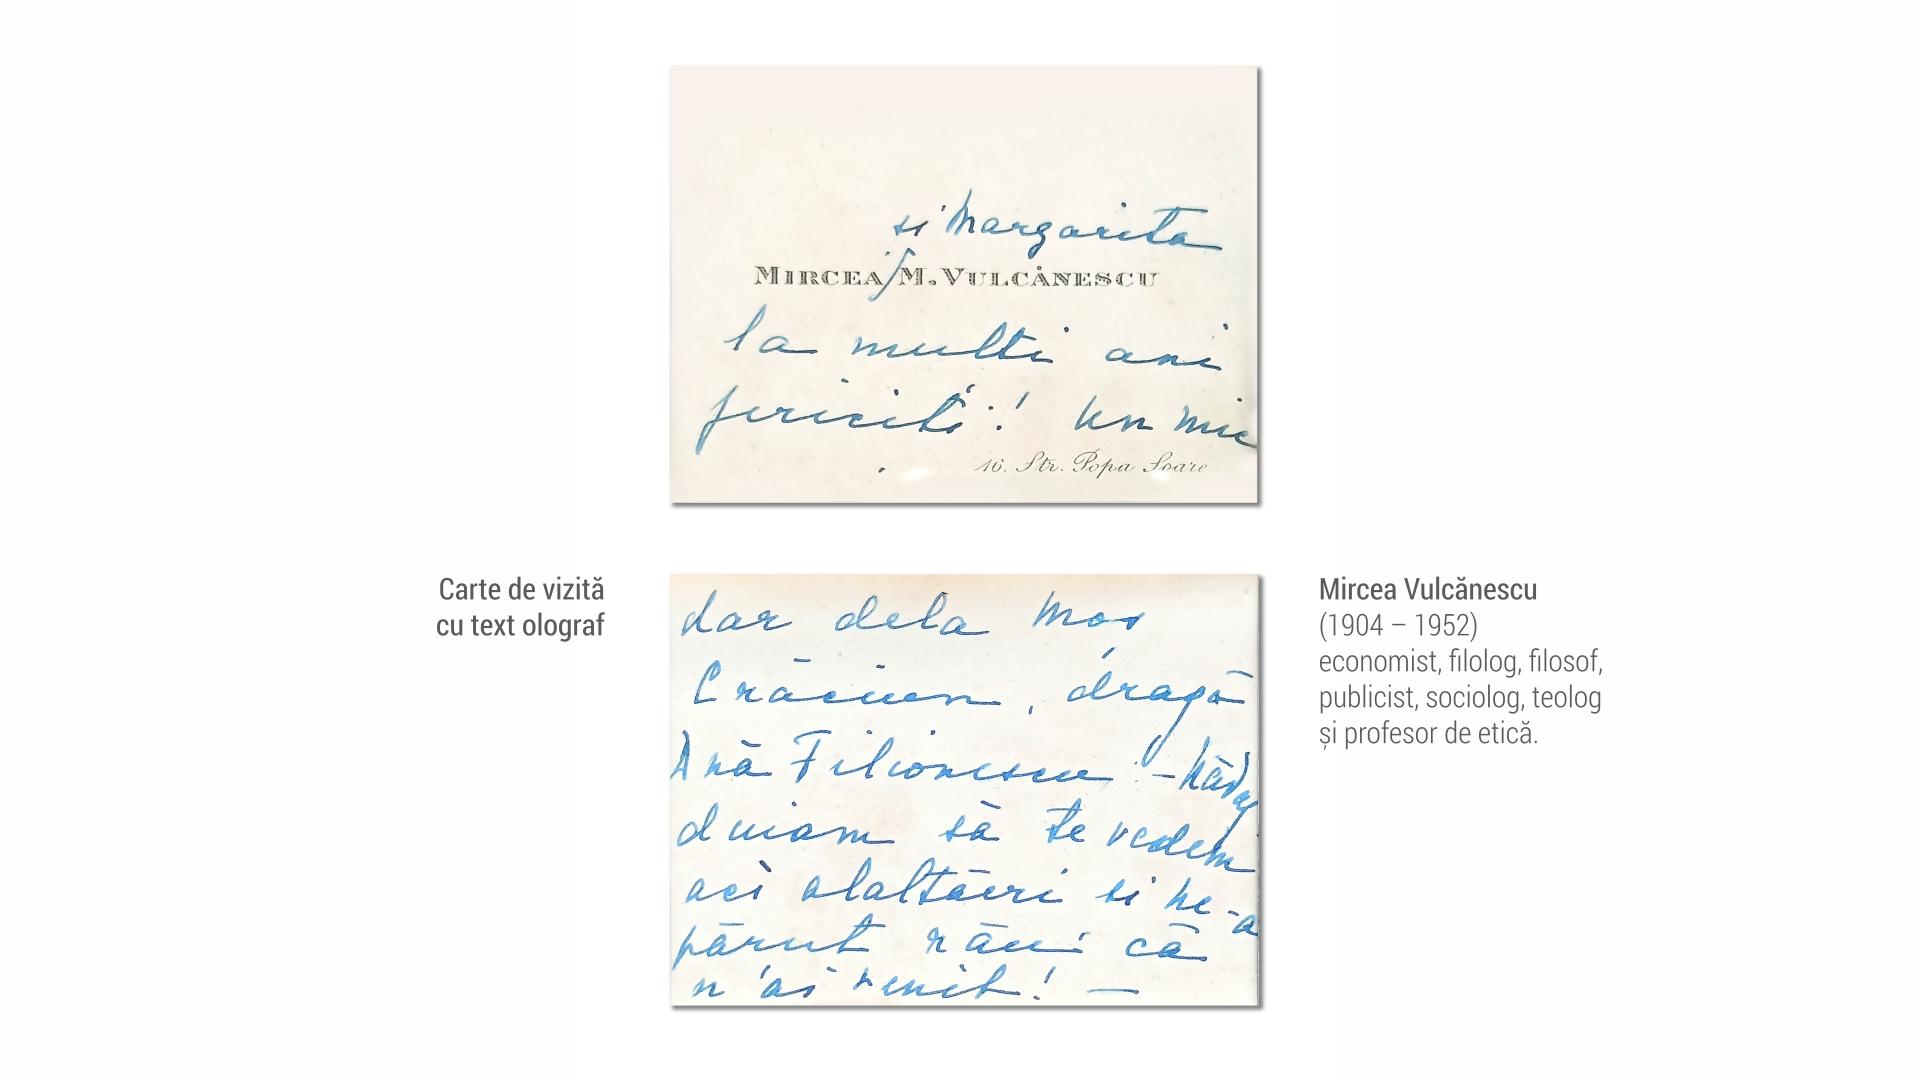 1904 Mircea Vulcanescu - carte de vizita